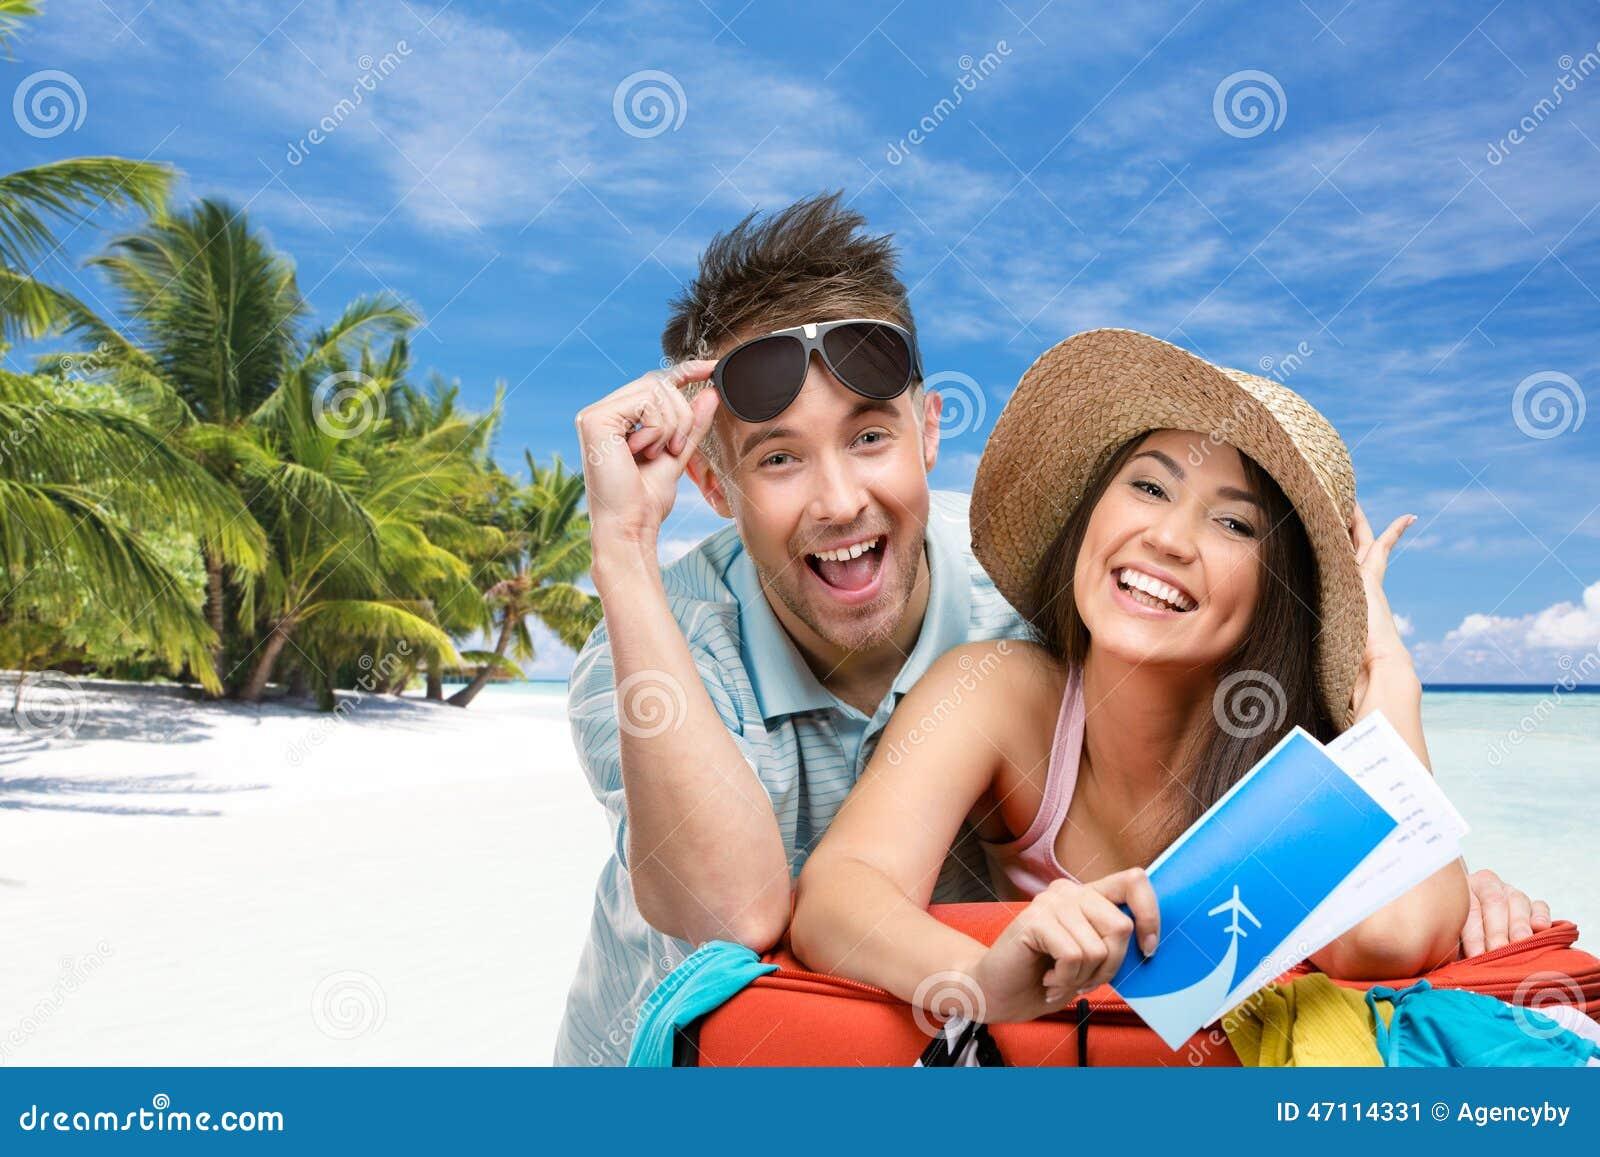 Paar verpackt herauf Koffer mit Kleidung für Flitterwochenreise